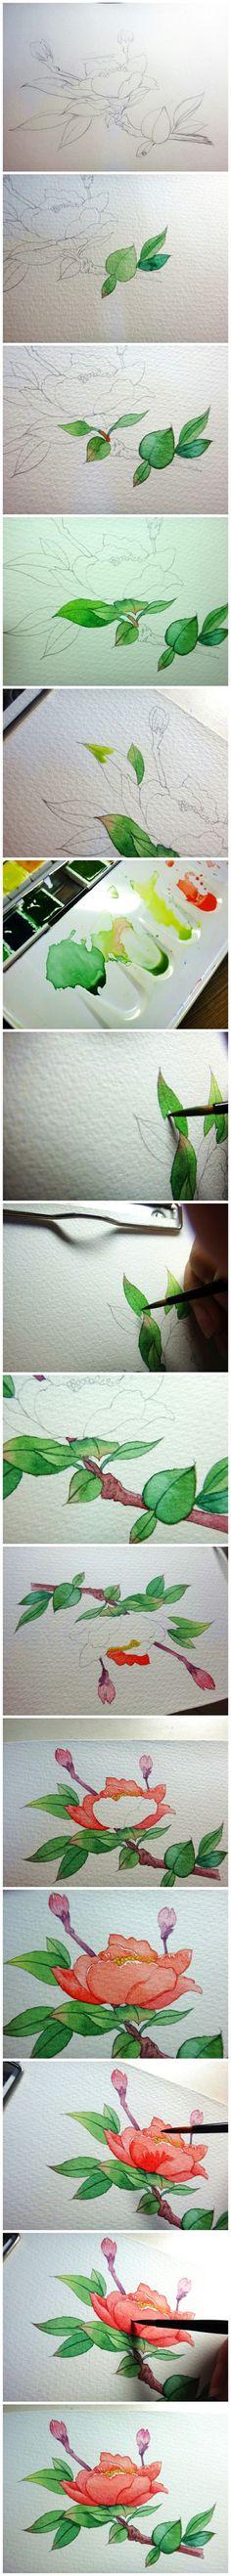 watercolor flower tutorial: